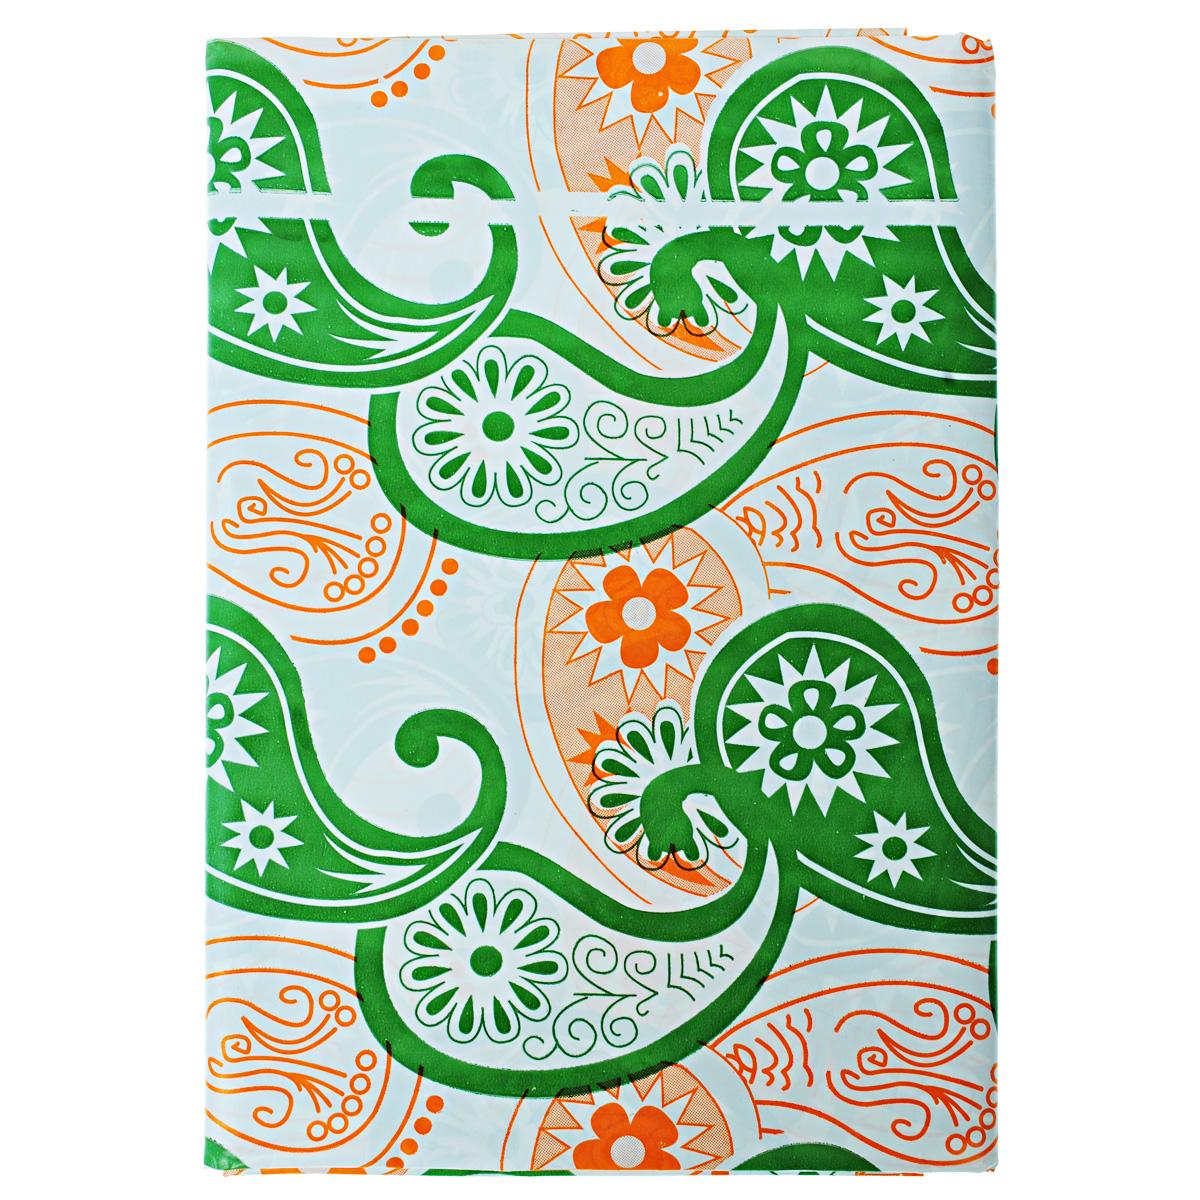 Скатерть Boyscout, прямоугольная, цвет: зеленый, оранжевый, 110x 150 см07562-200Прямоугольная скатерть Boyscout выполнена из полиэстера высокого давления и декорирована красивыми узорами.Такая скатерть идеально подойдет для пикников и отдыха на природе.